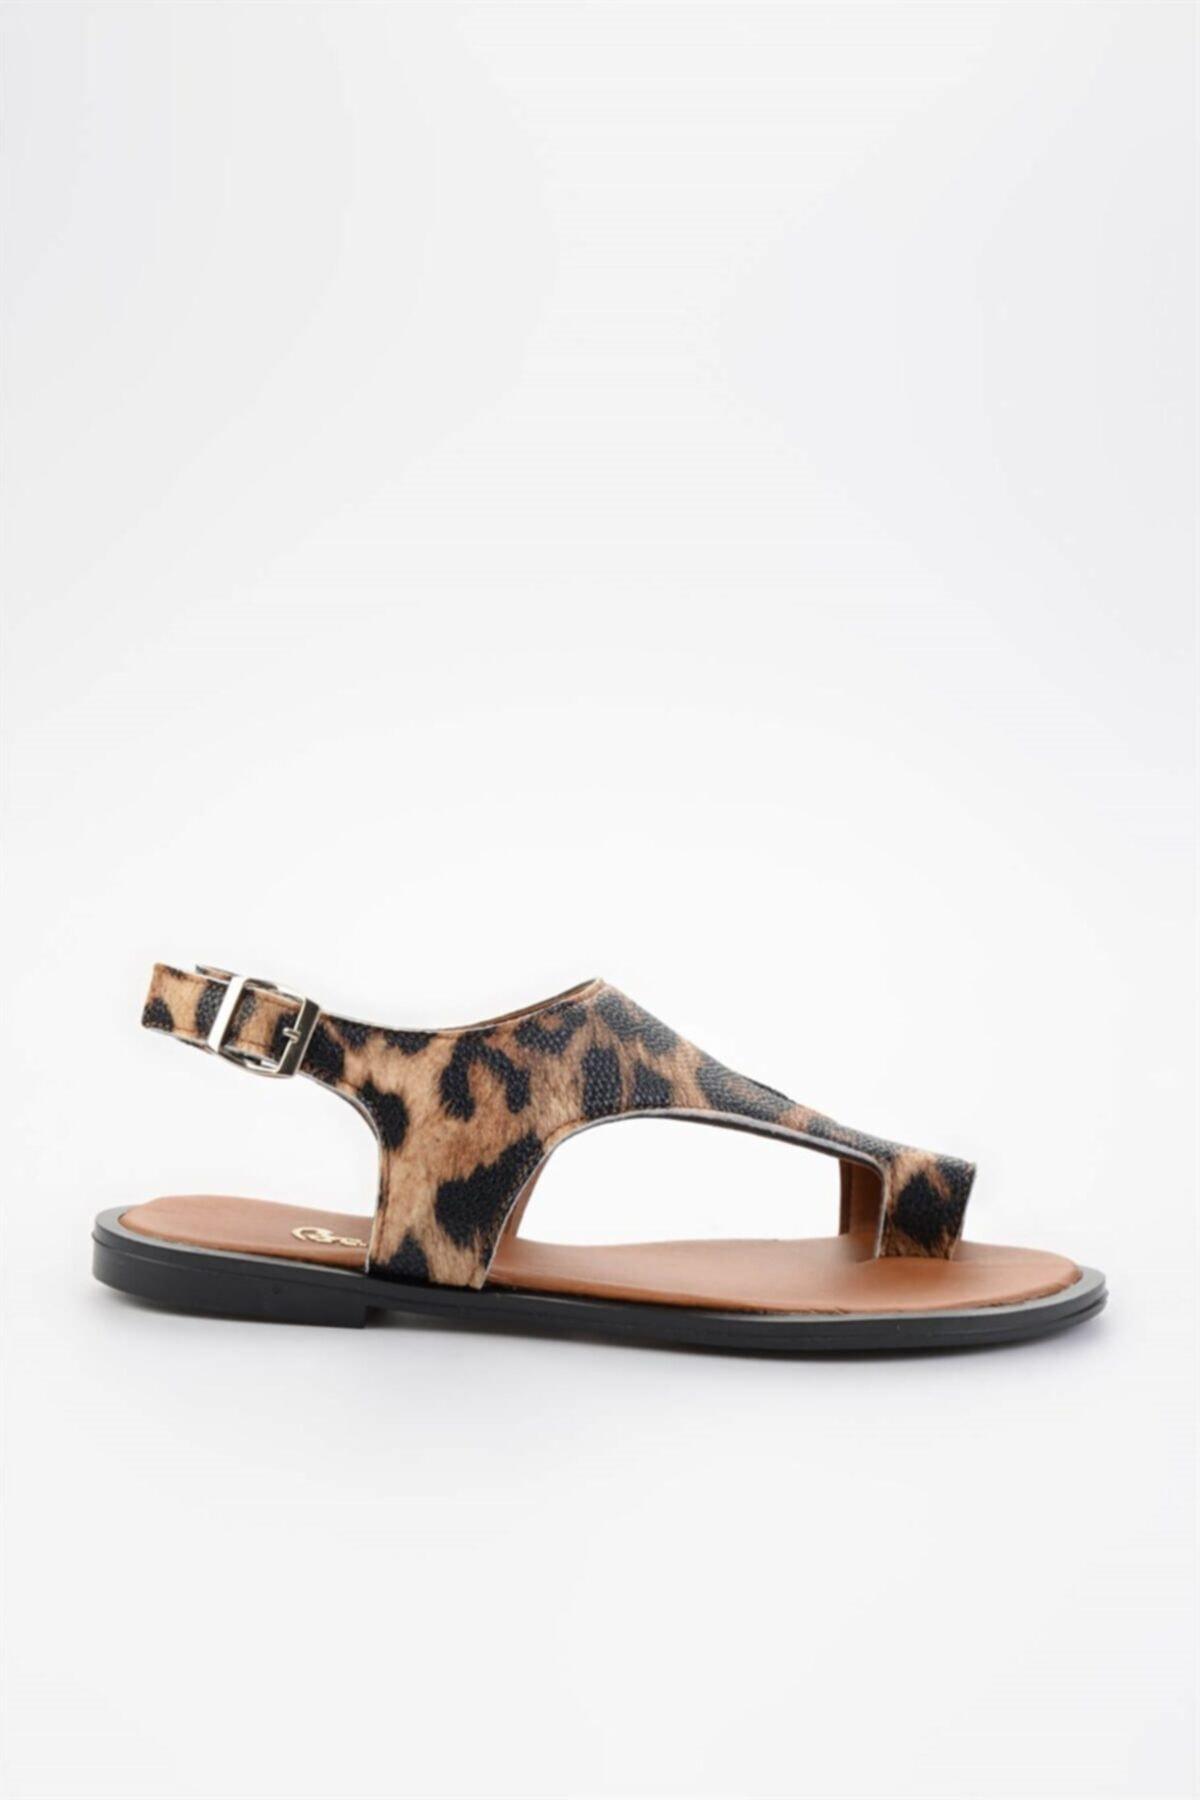 Bambi Leopar Kadın Sandalet L0835121009 1